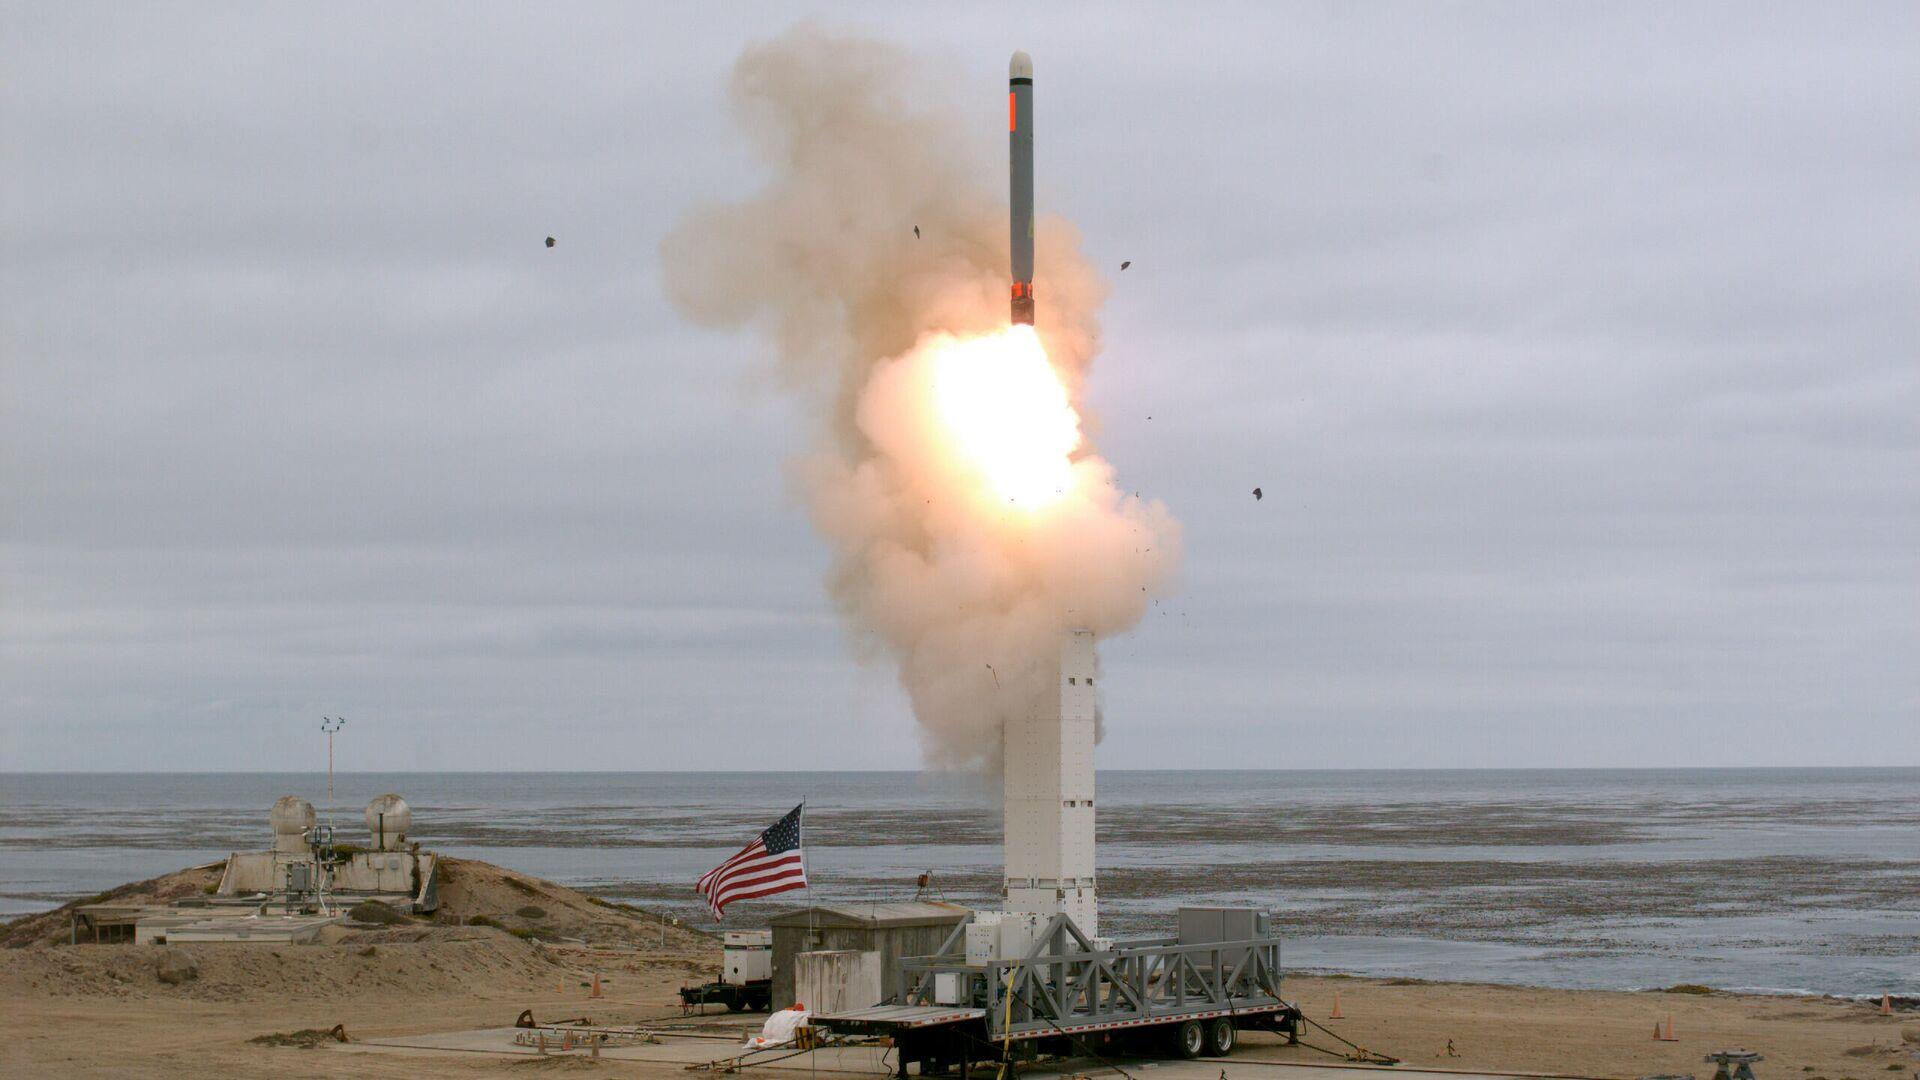 Испытание крылатой ракеты на острове Сан-Николас в Калифорнии - РИА Новости, 1920, 13.06.2021